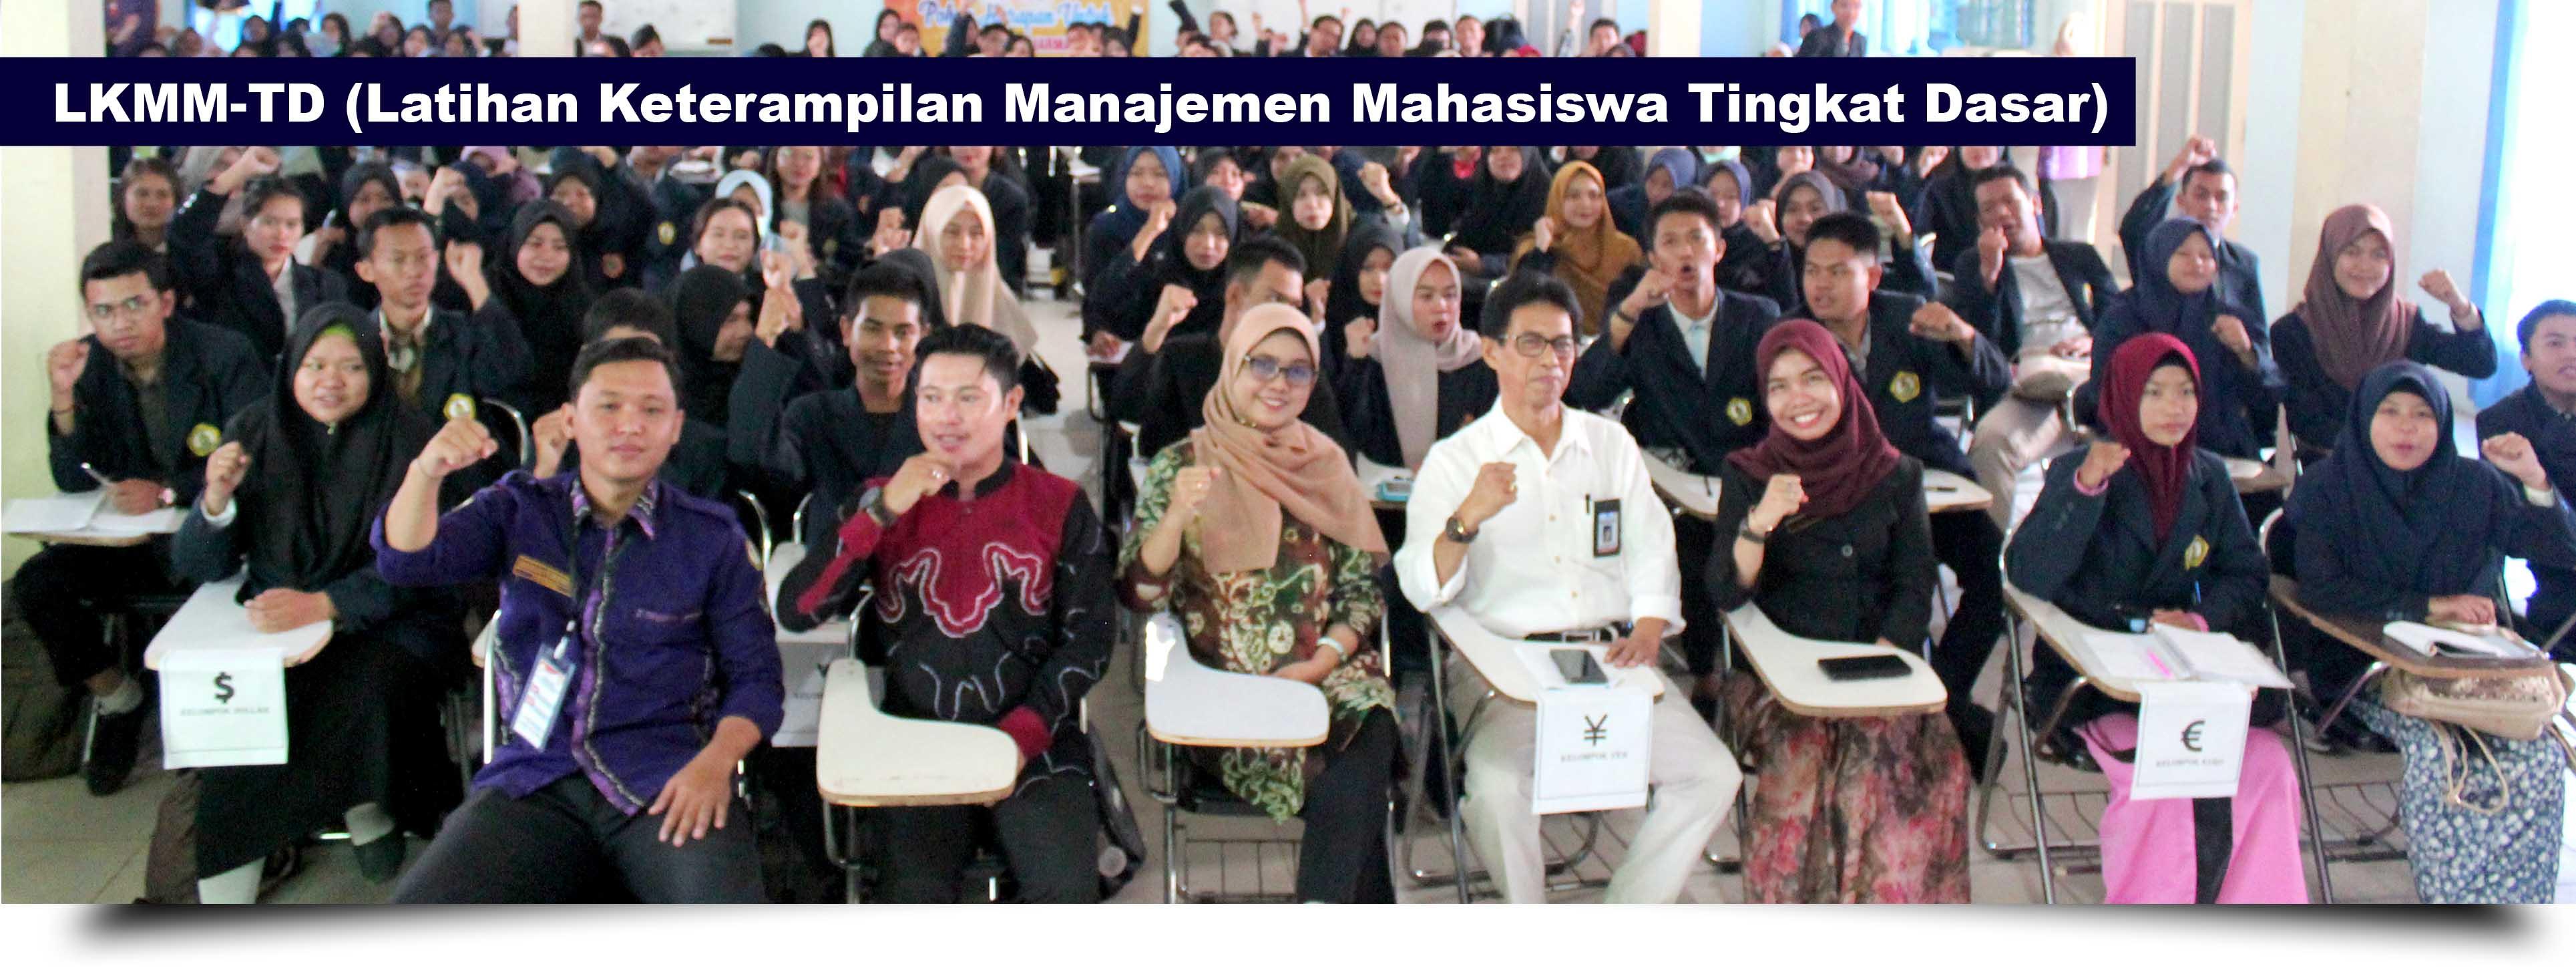 LKMM-TD (Latihan Keterampilan Manajemen Mahasiswa Tingkat Dasar) STKIP PGRI Banjarmasin